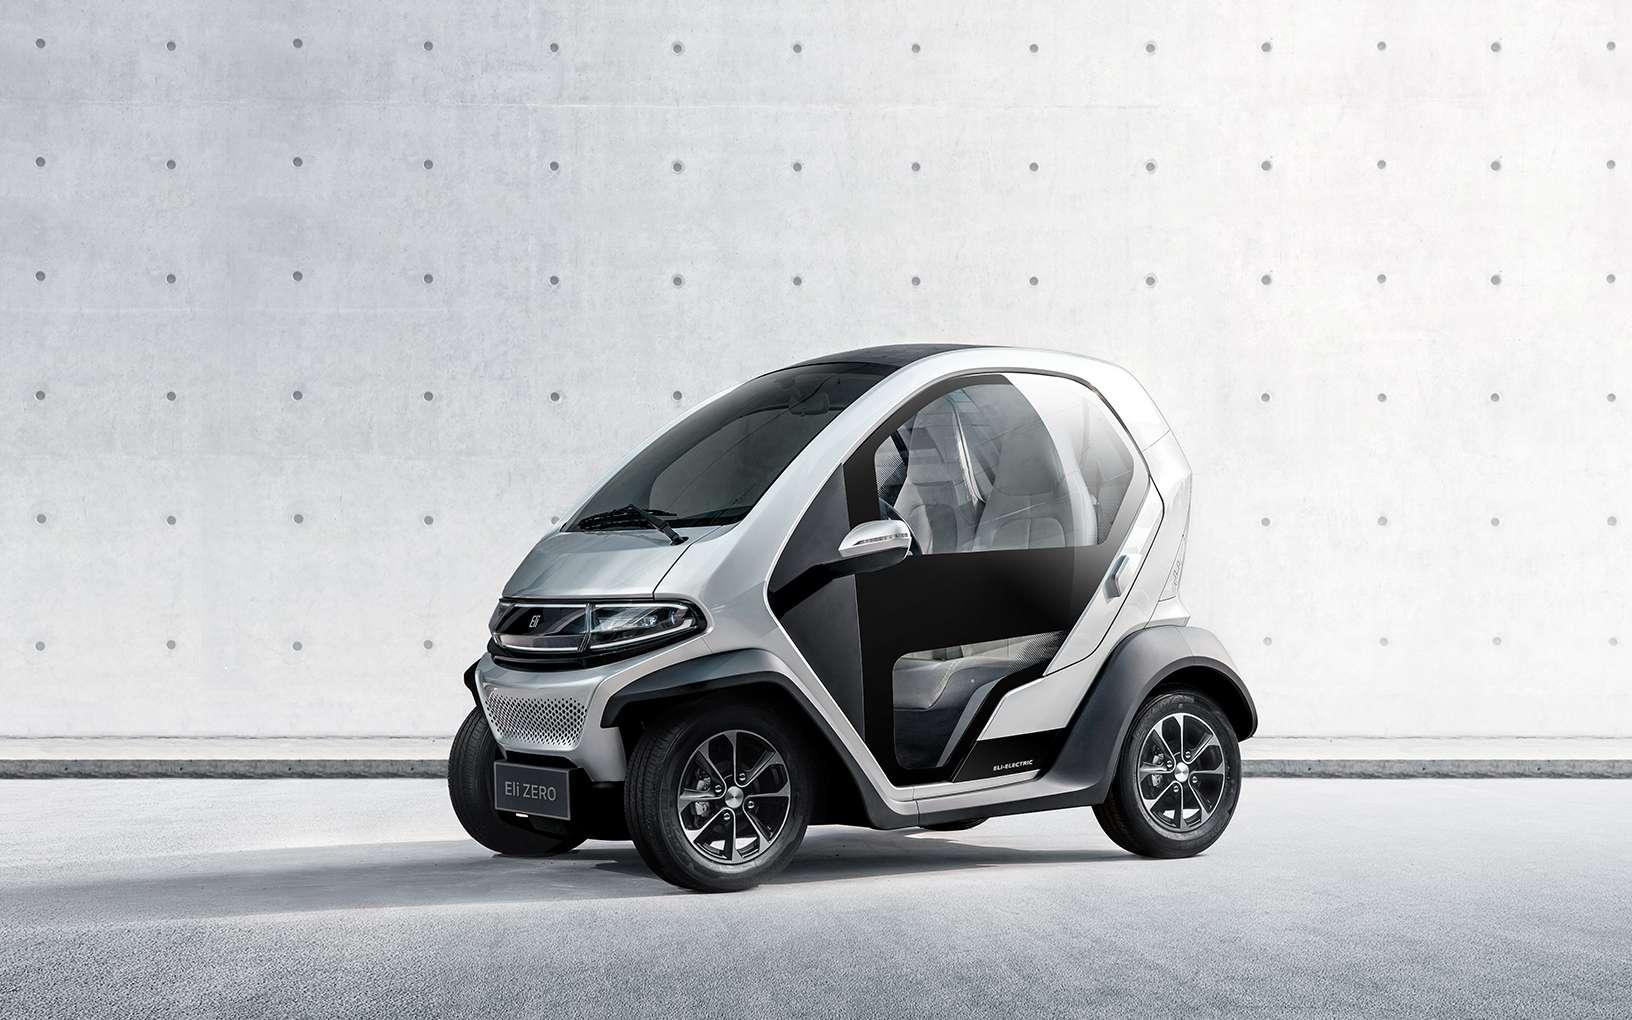 L'Eli Zero est un peu moins longue que la Citroën Ami. © Eli Electric Vehicles